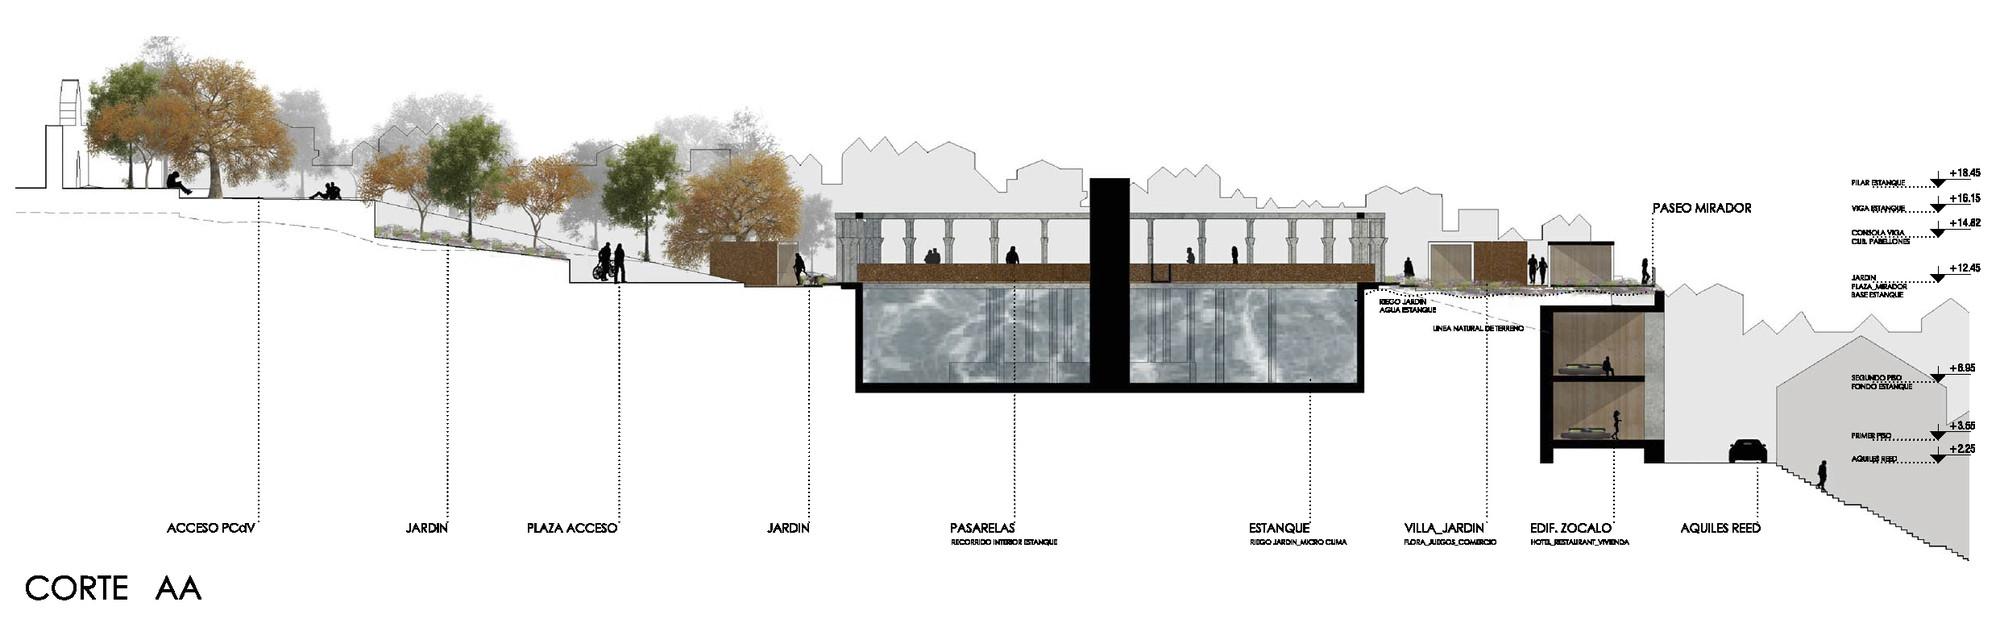 Segundo lugar concurso nacional reconversi n sitio for Arquitectura nota de corte